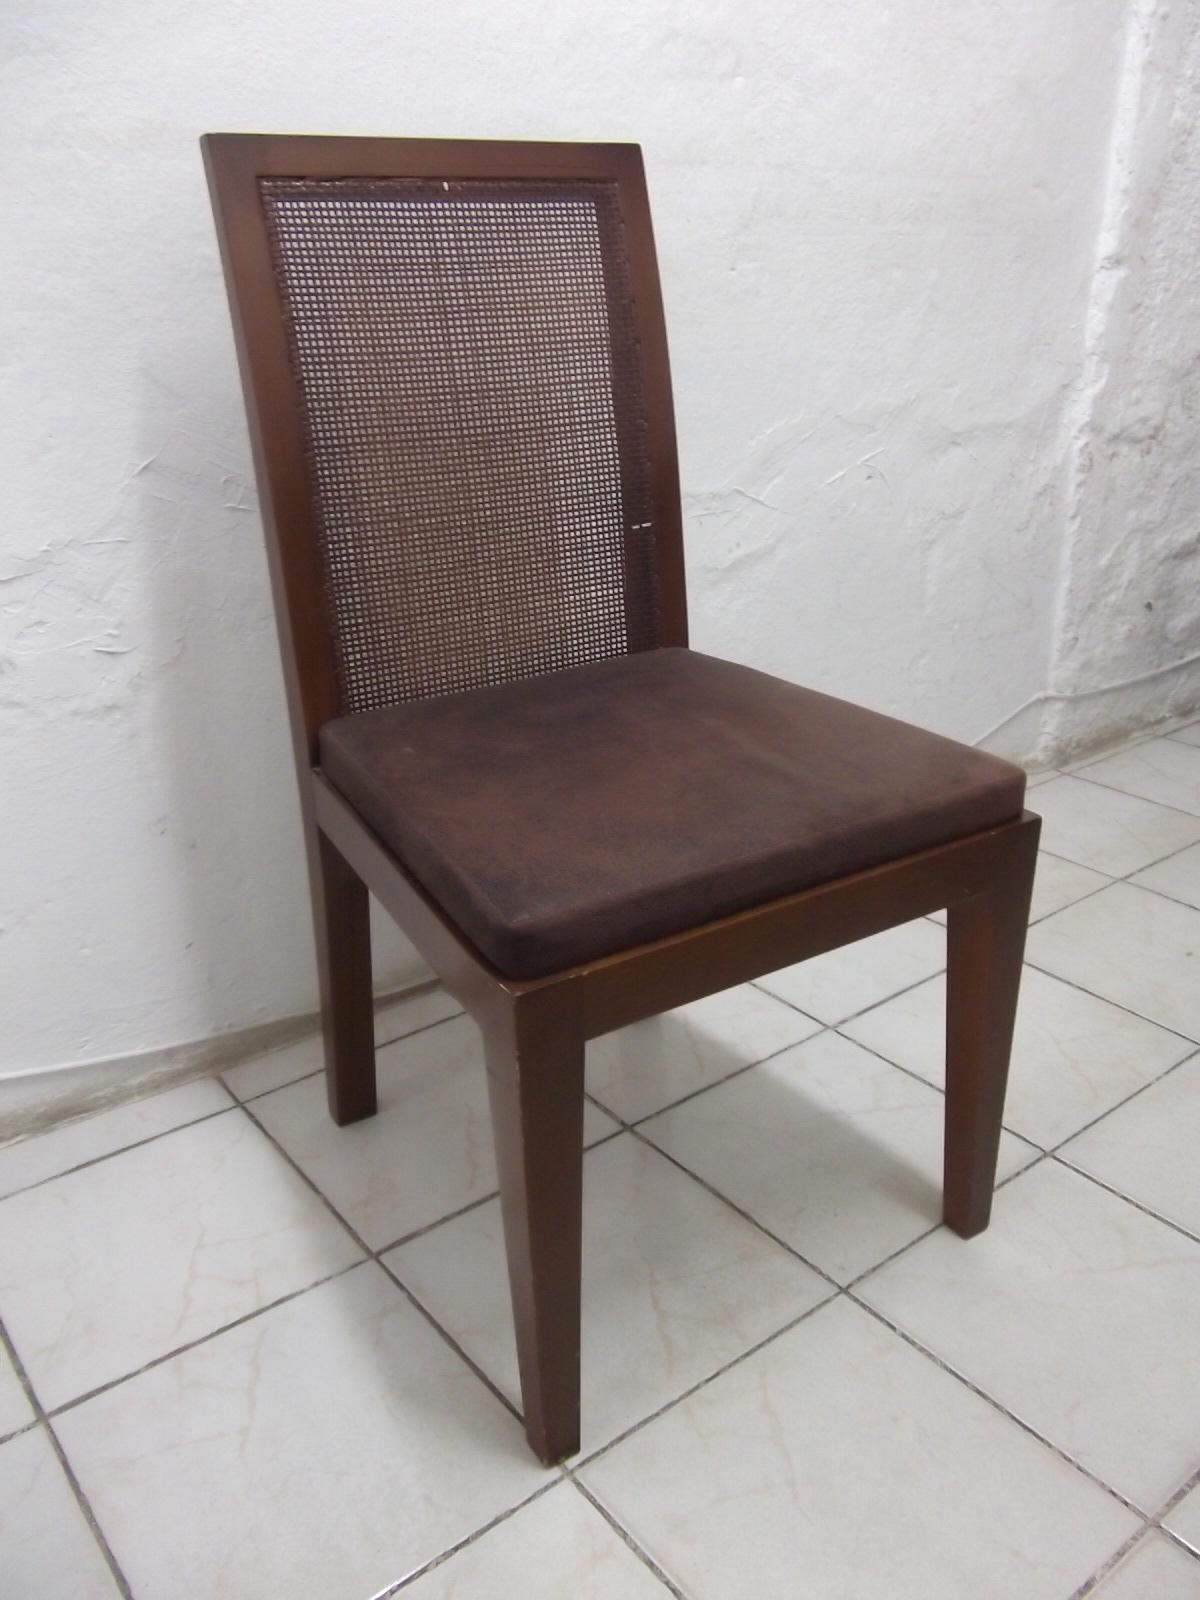 Cadeira e Mesa: Cadeira com Palha #3F2E29 1200x1600